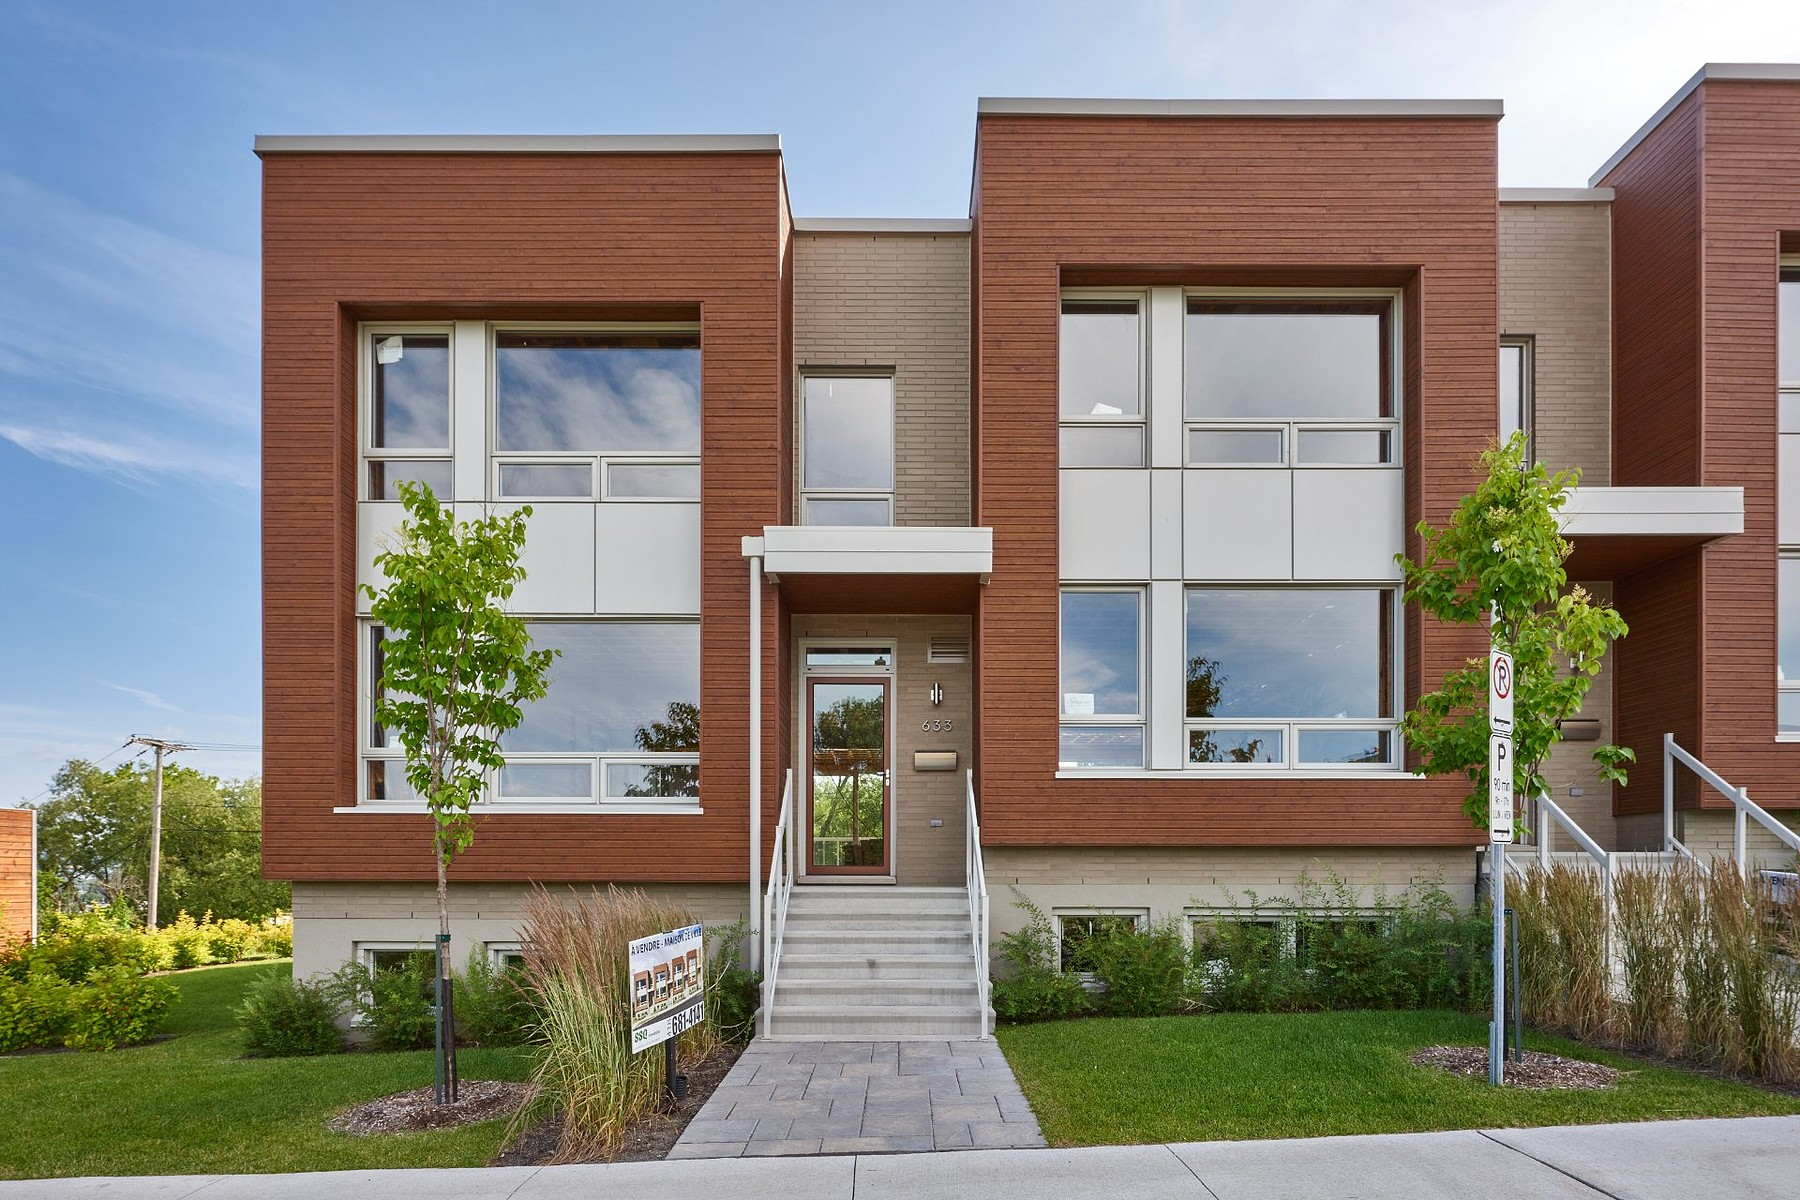 Single Family Home for Sale at Cité Verte Maison de ville 697 Av. des Jésuites Other Quebec, Quebec G1S0B6 Canada